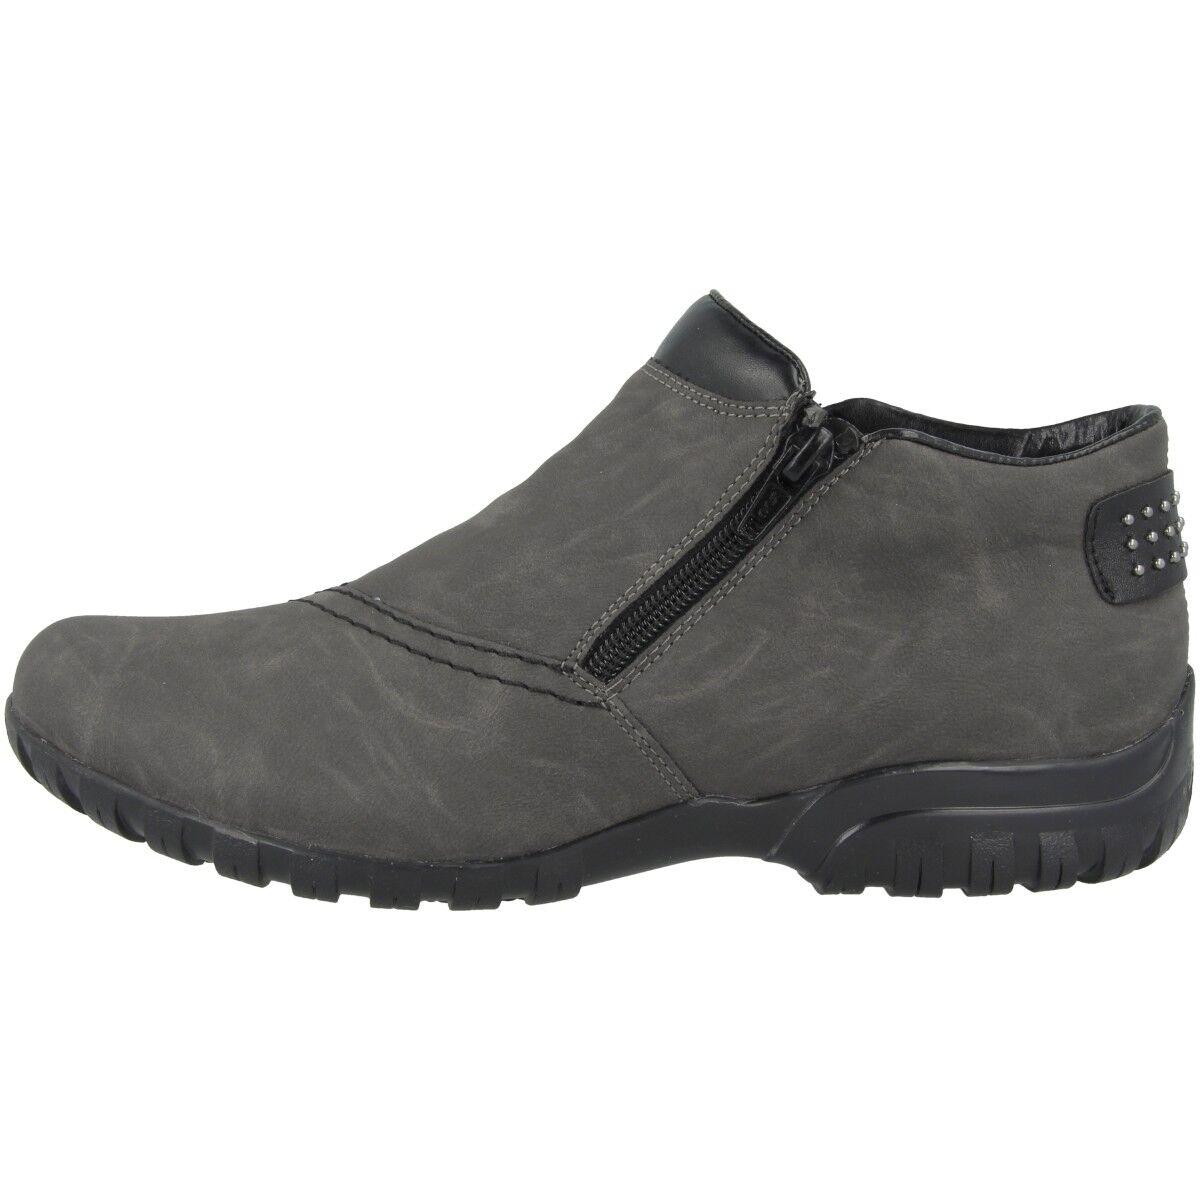 Rieker New York-Fino Schuhe Grau Antistress Damen Stiefelette Stiefel Grau Schuhe L4662-45 389e0e